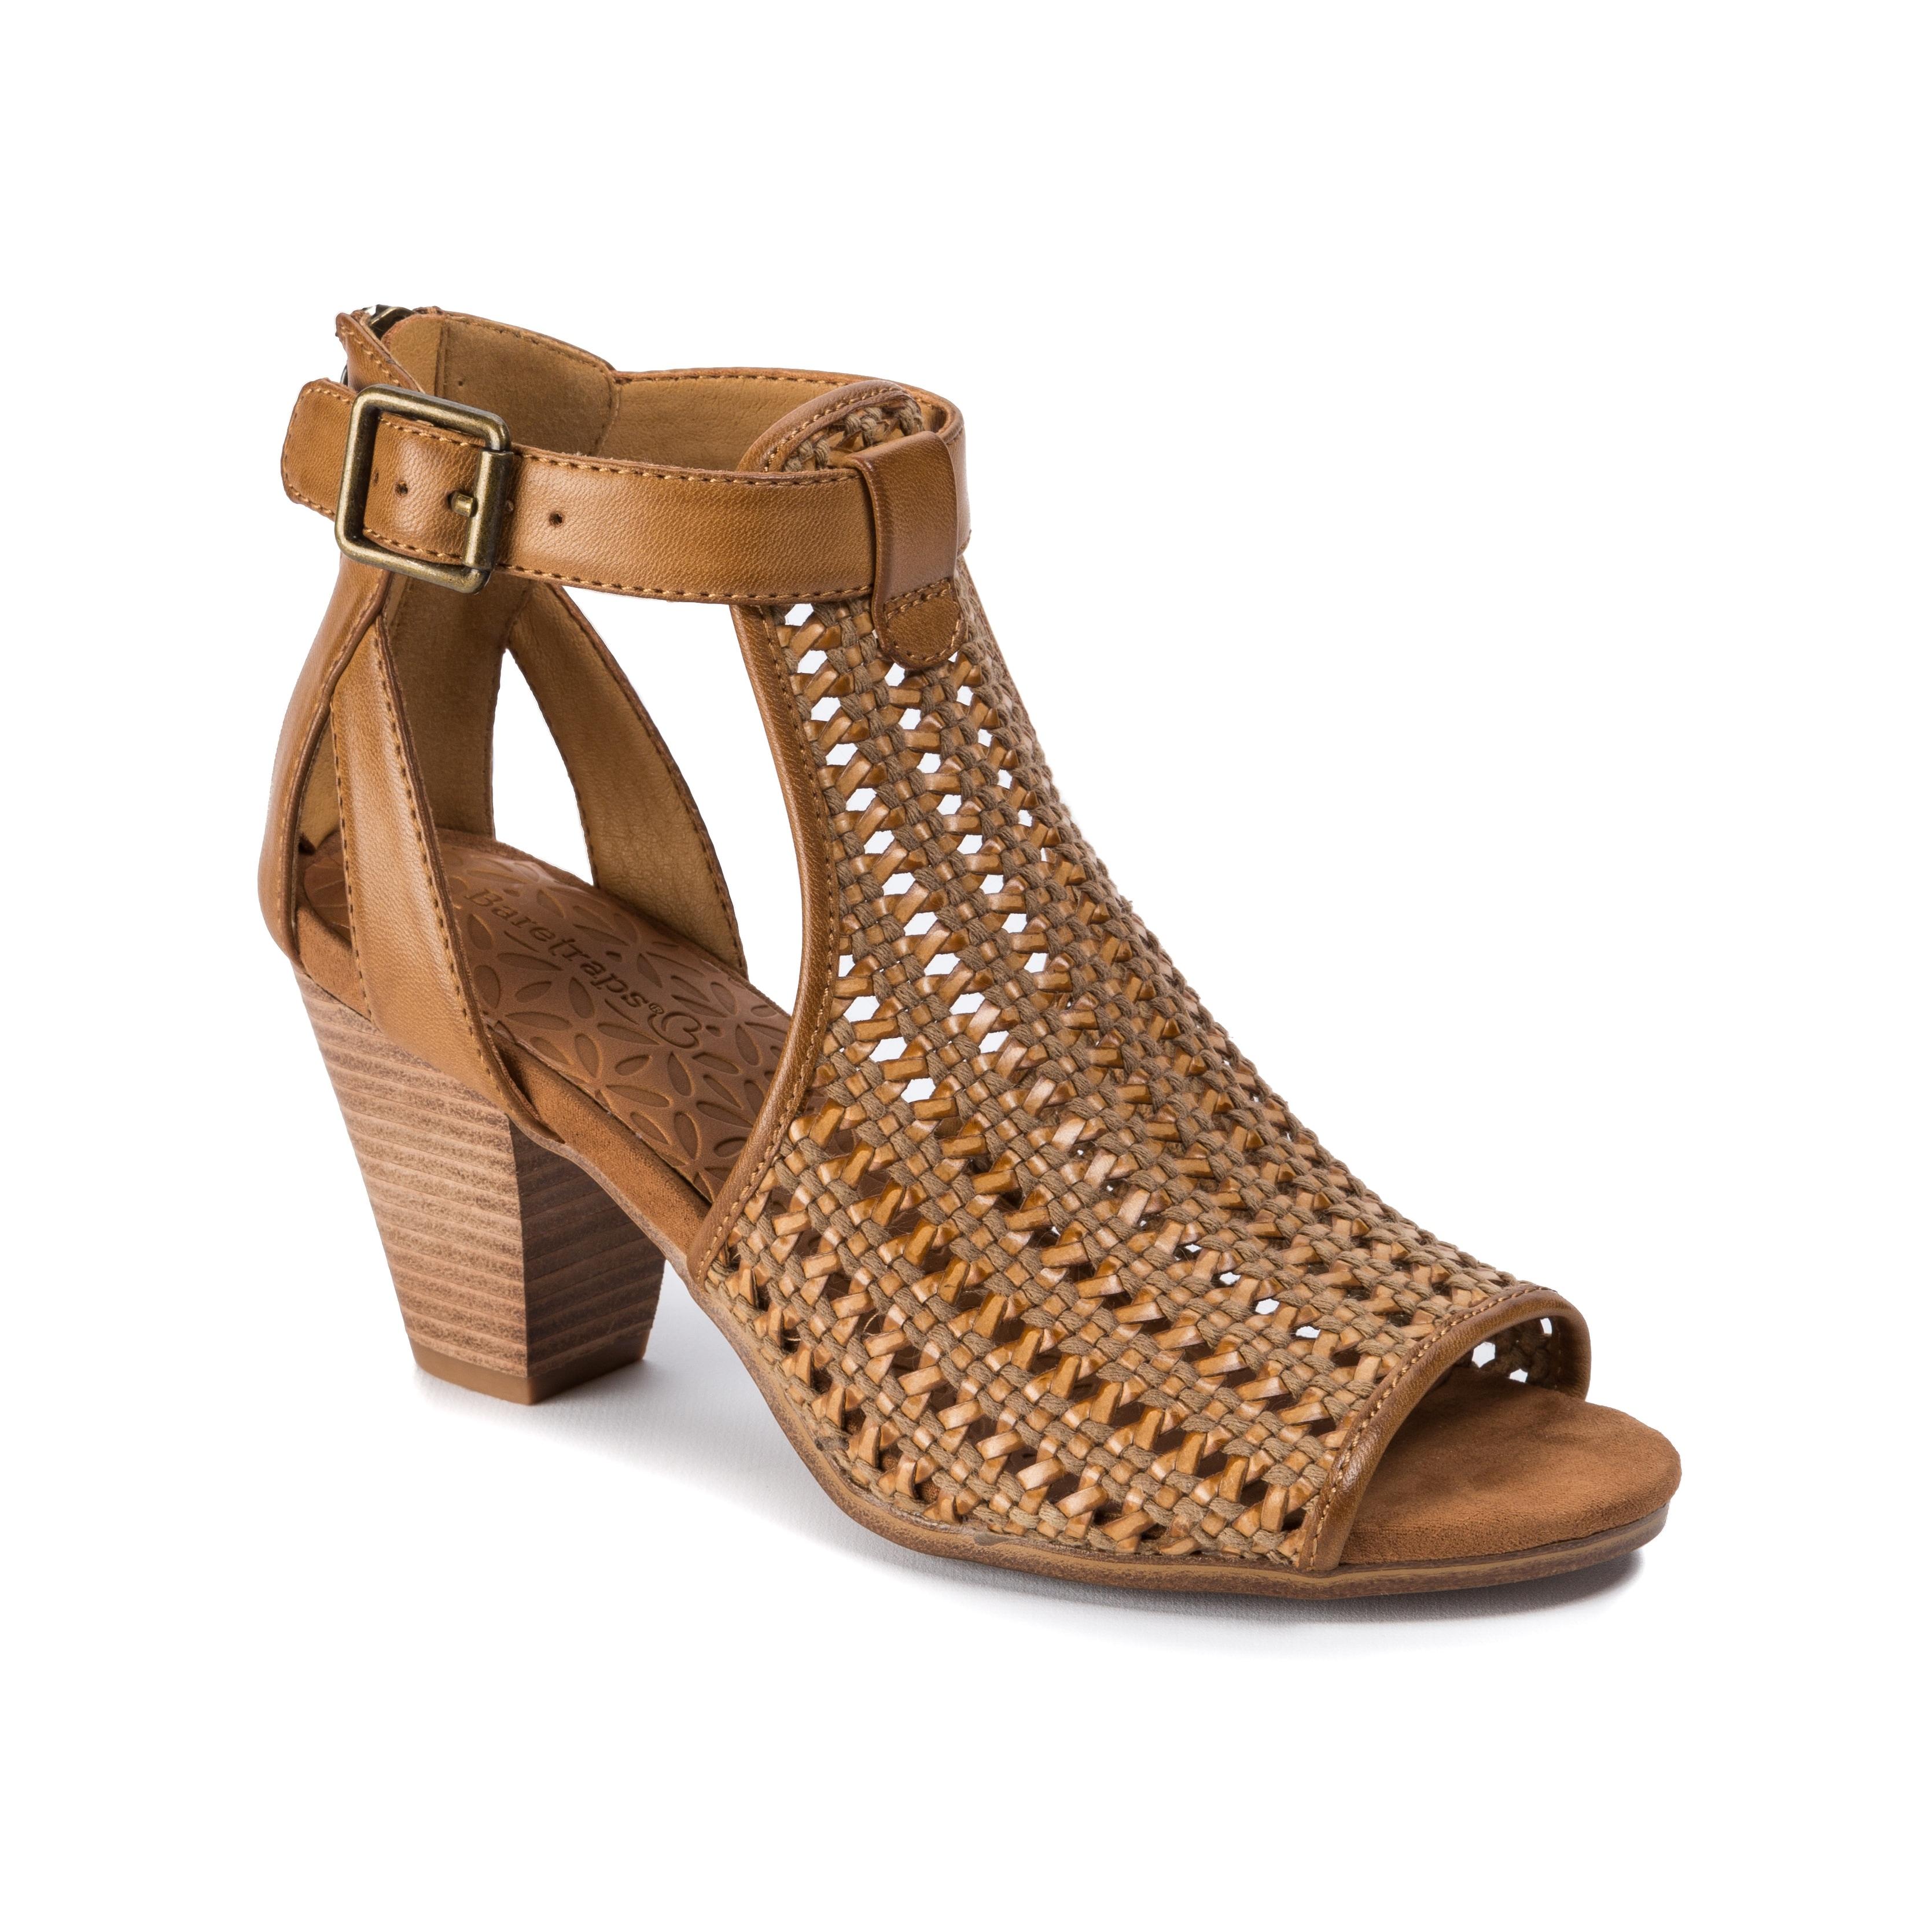 29d17c1059d Shop Baretraps Reatha Women s Sandals Auburn - Free Shipping Today ...